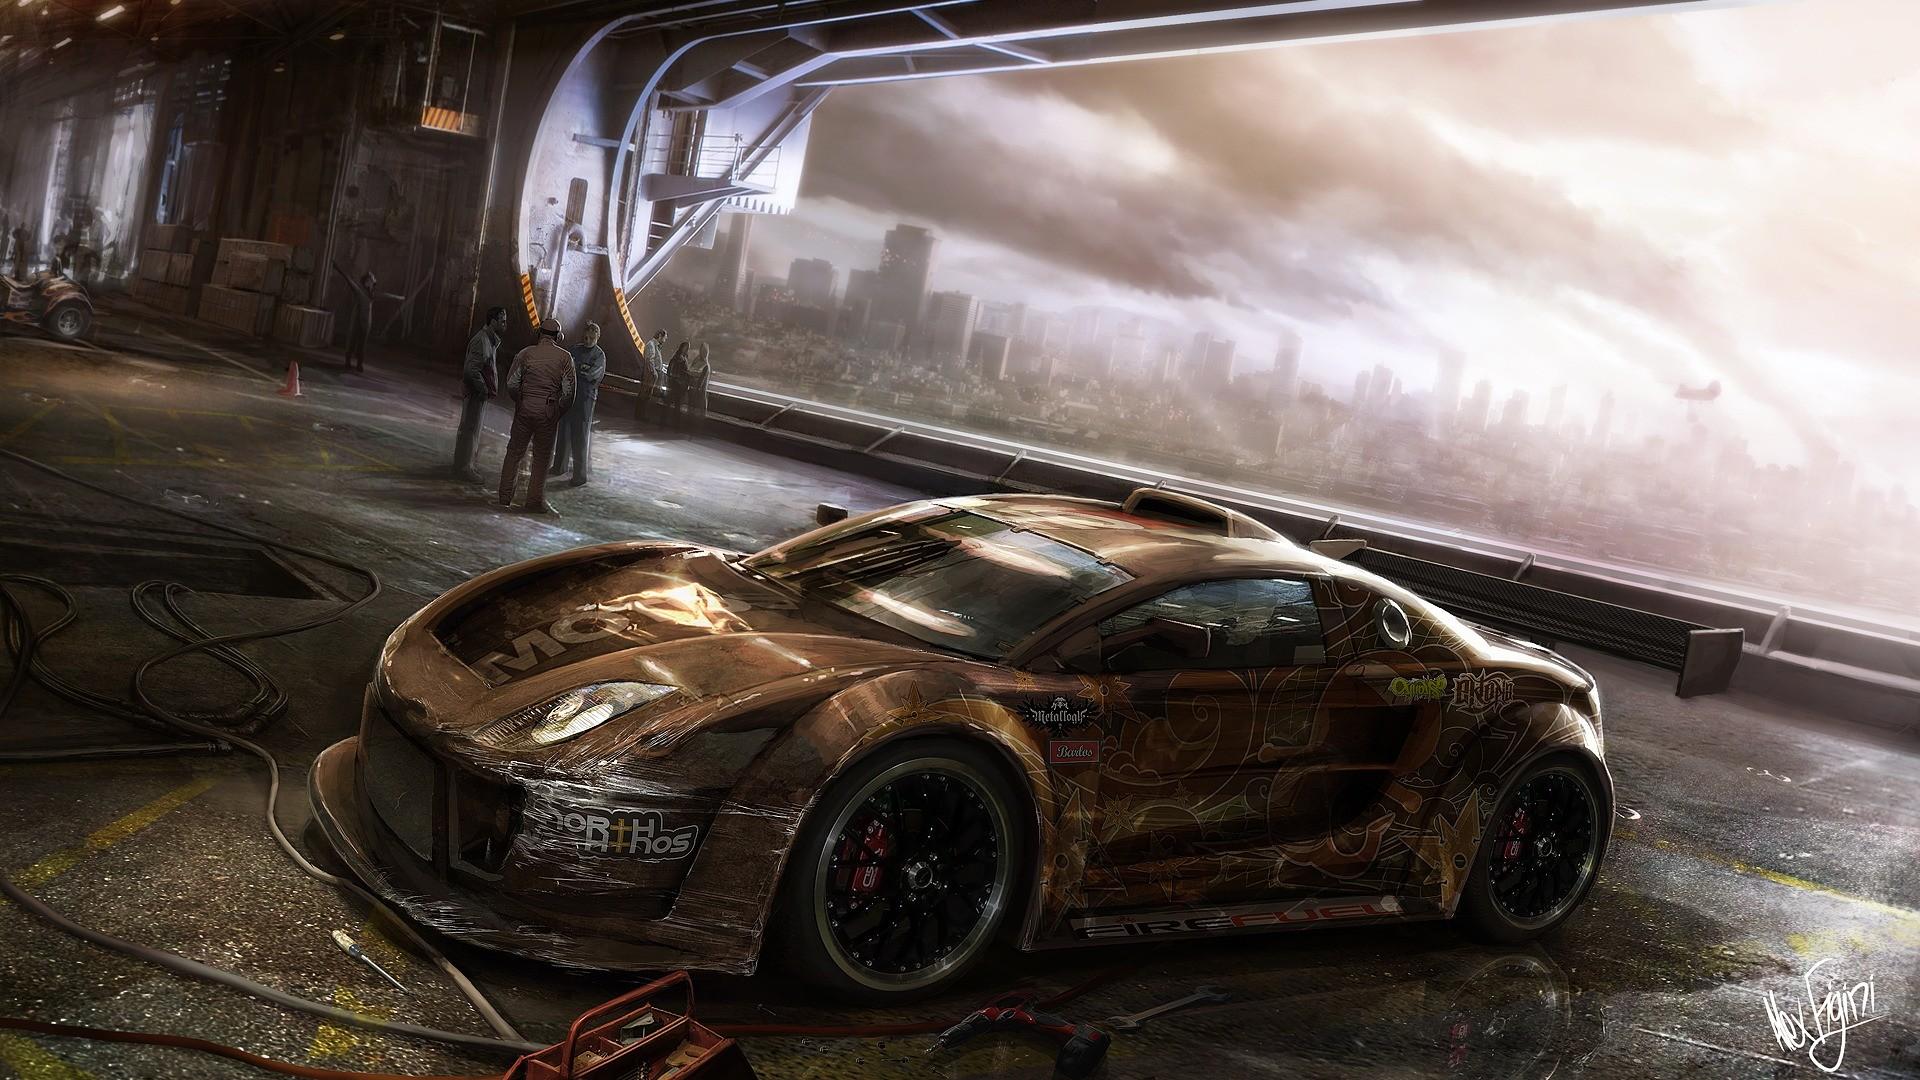 Motorstorm Apocalypse Game Wallpapers | HD Wallpapers